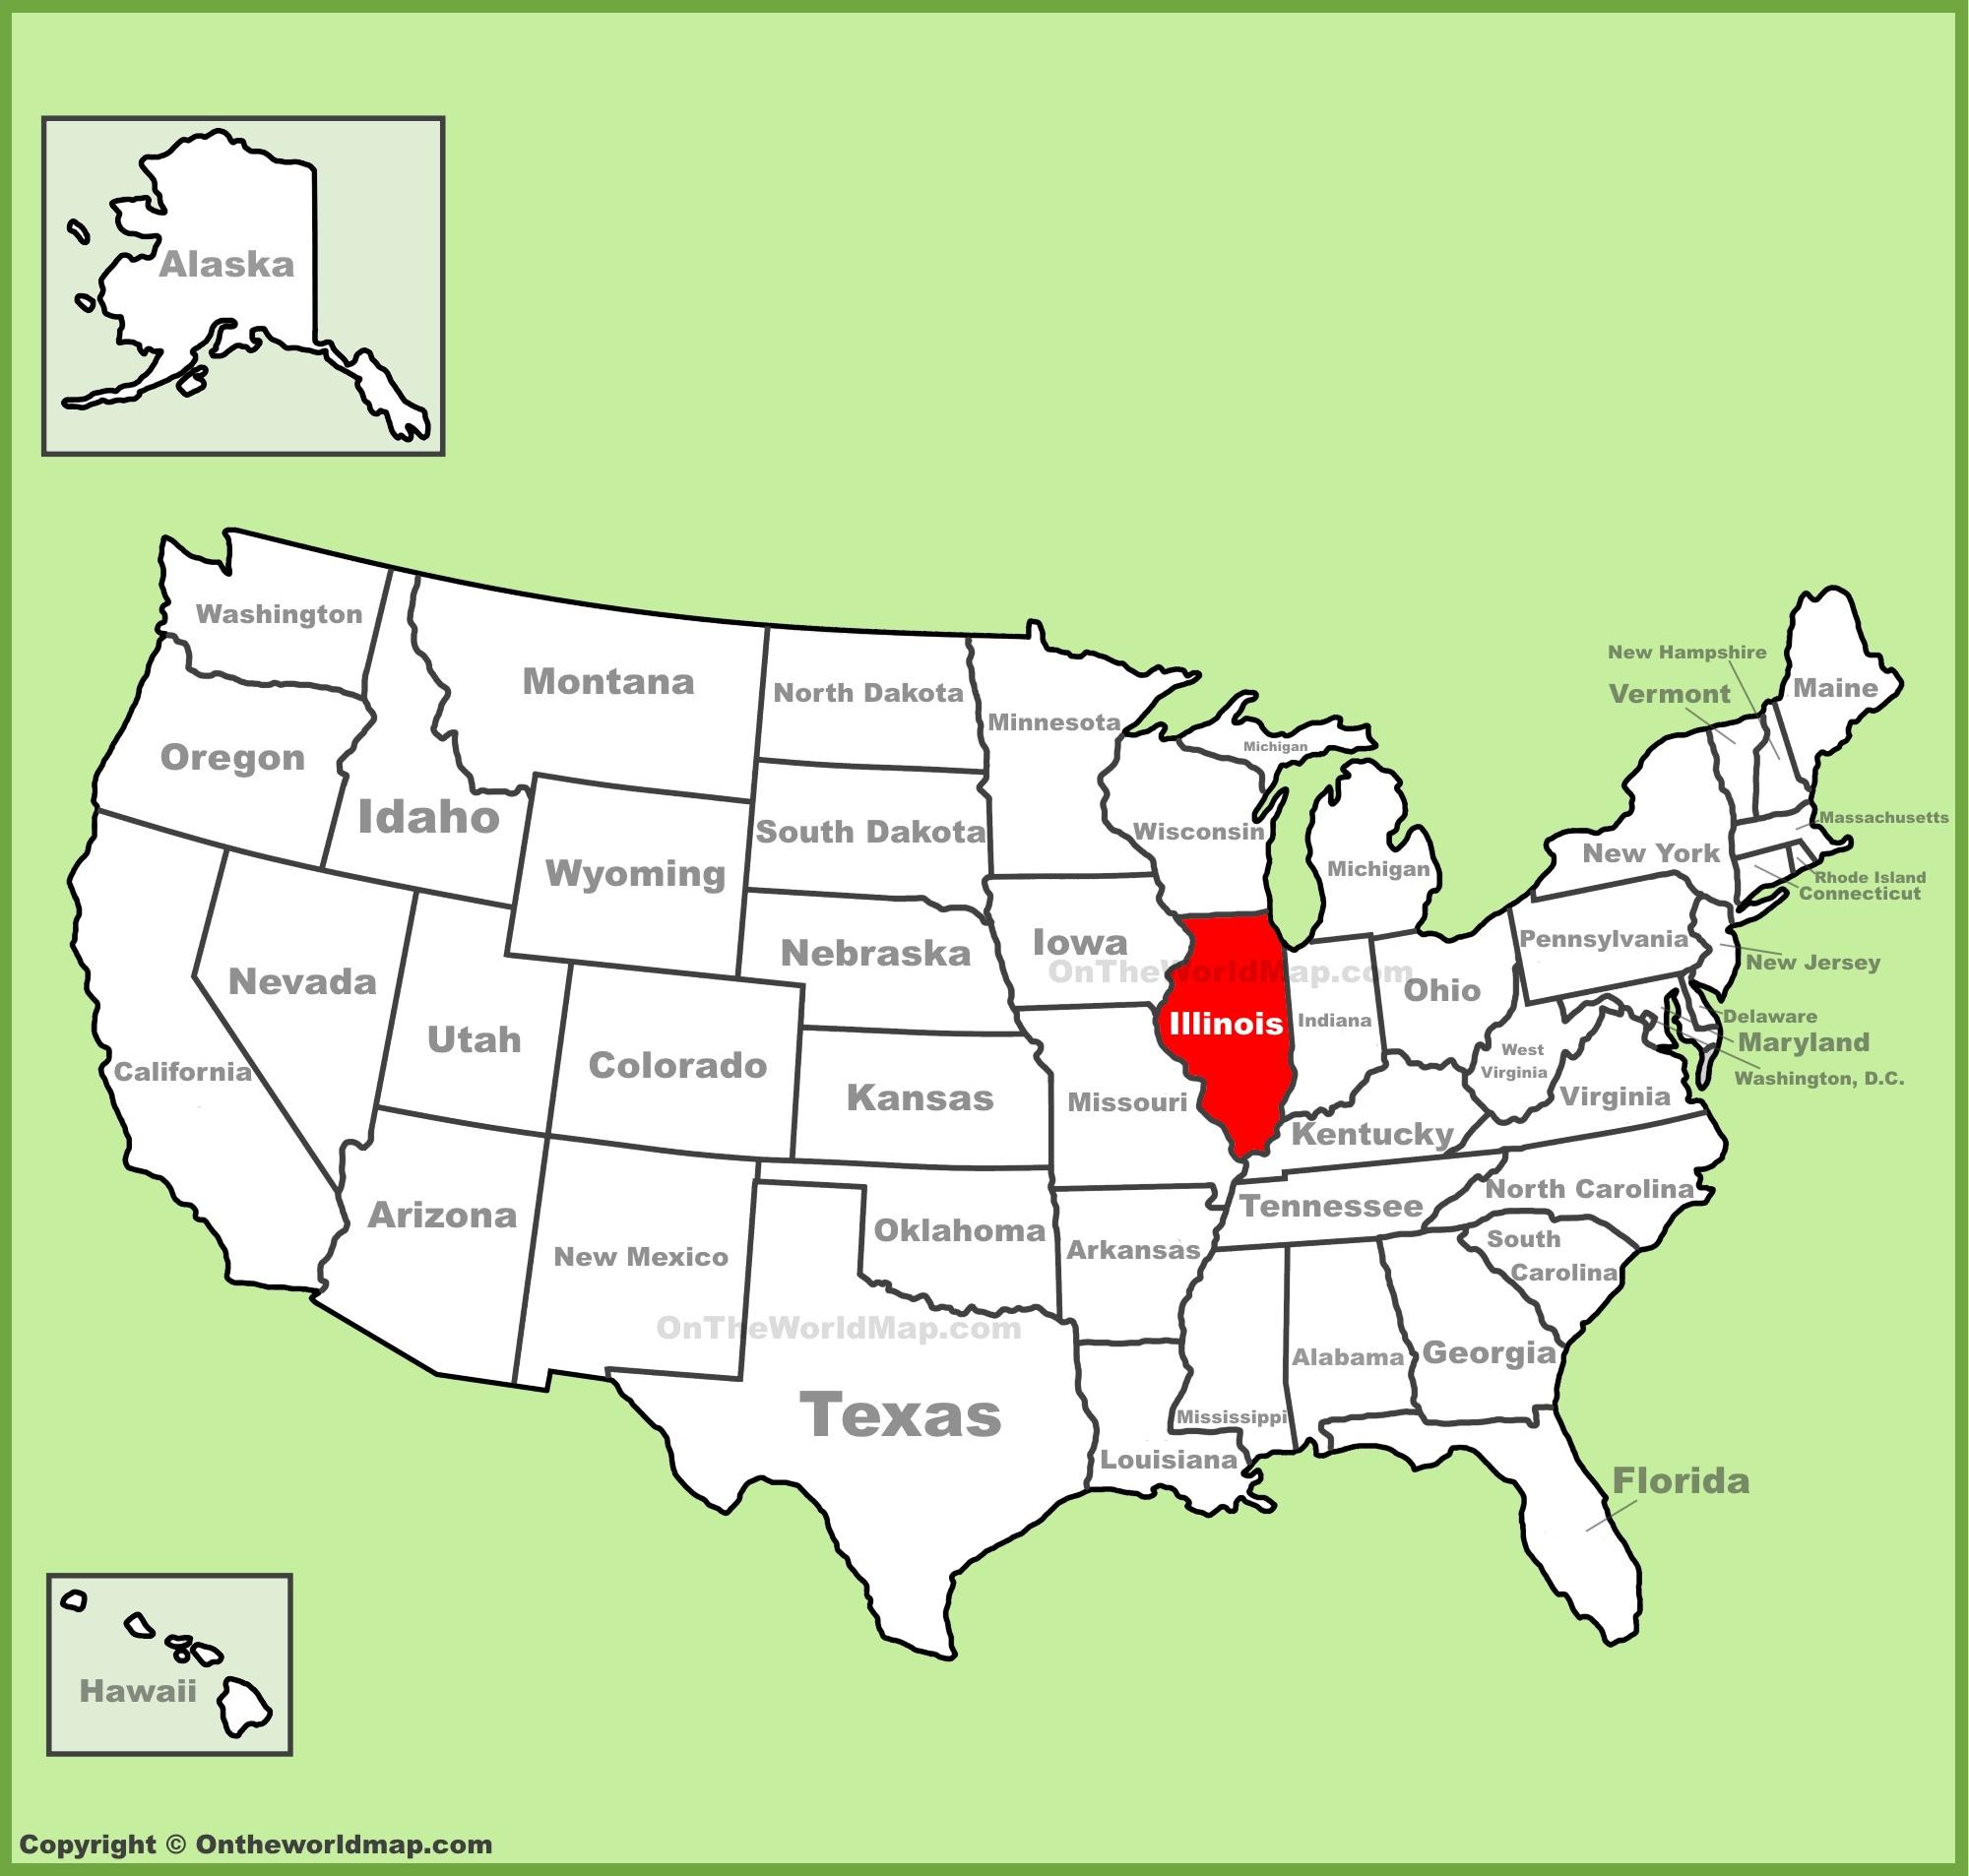 Maps On Us Illinois location on the U.S. Map Maps On Us